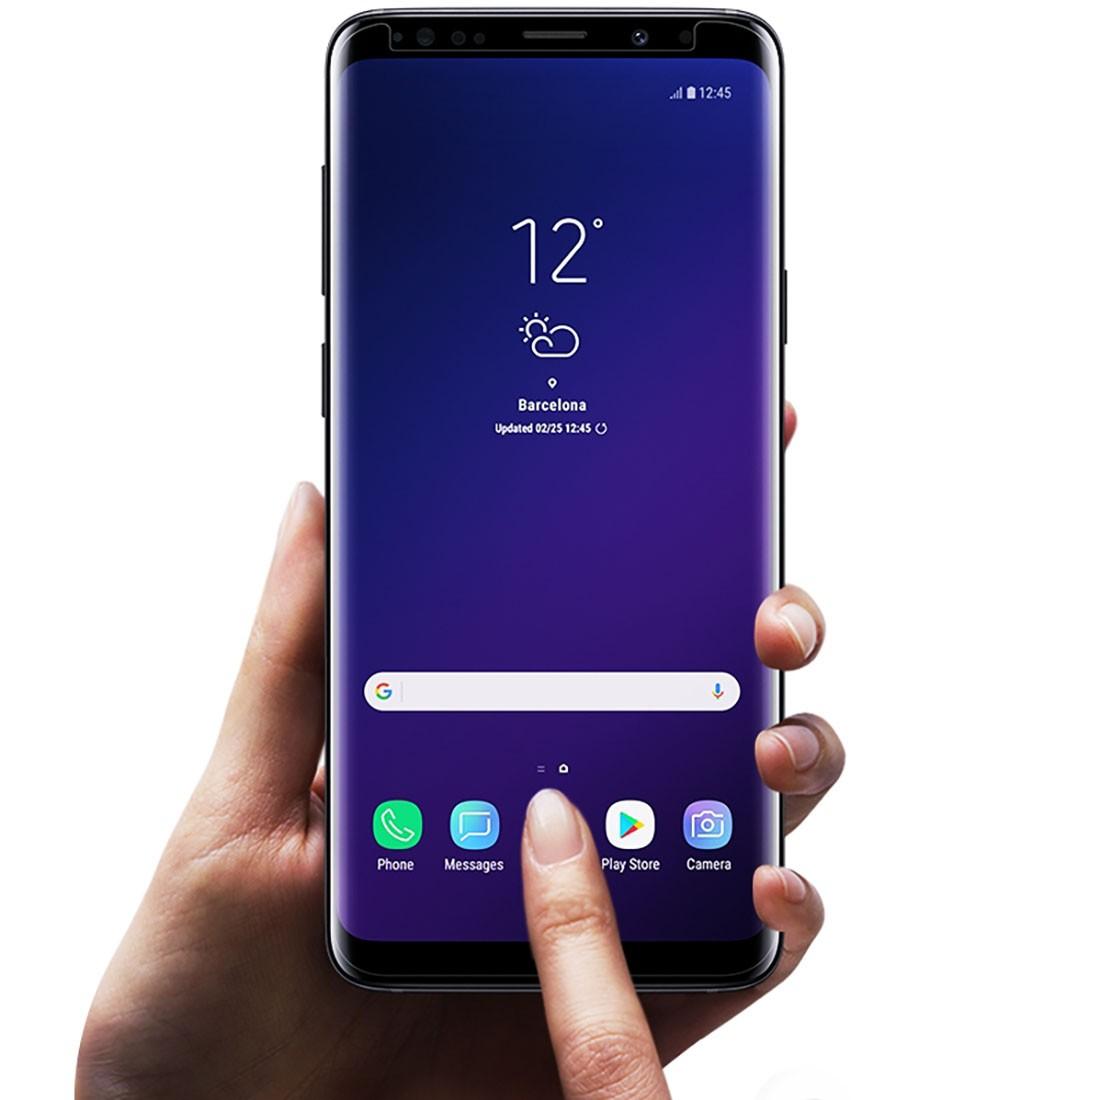 2x Película Protetora Original Samsung Galaxy S9 5.8 pol SM-G960